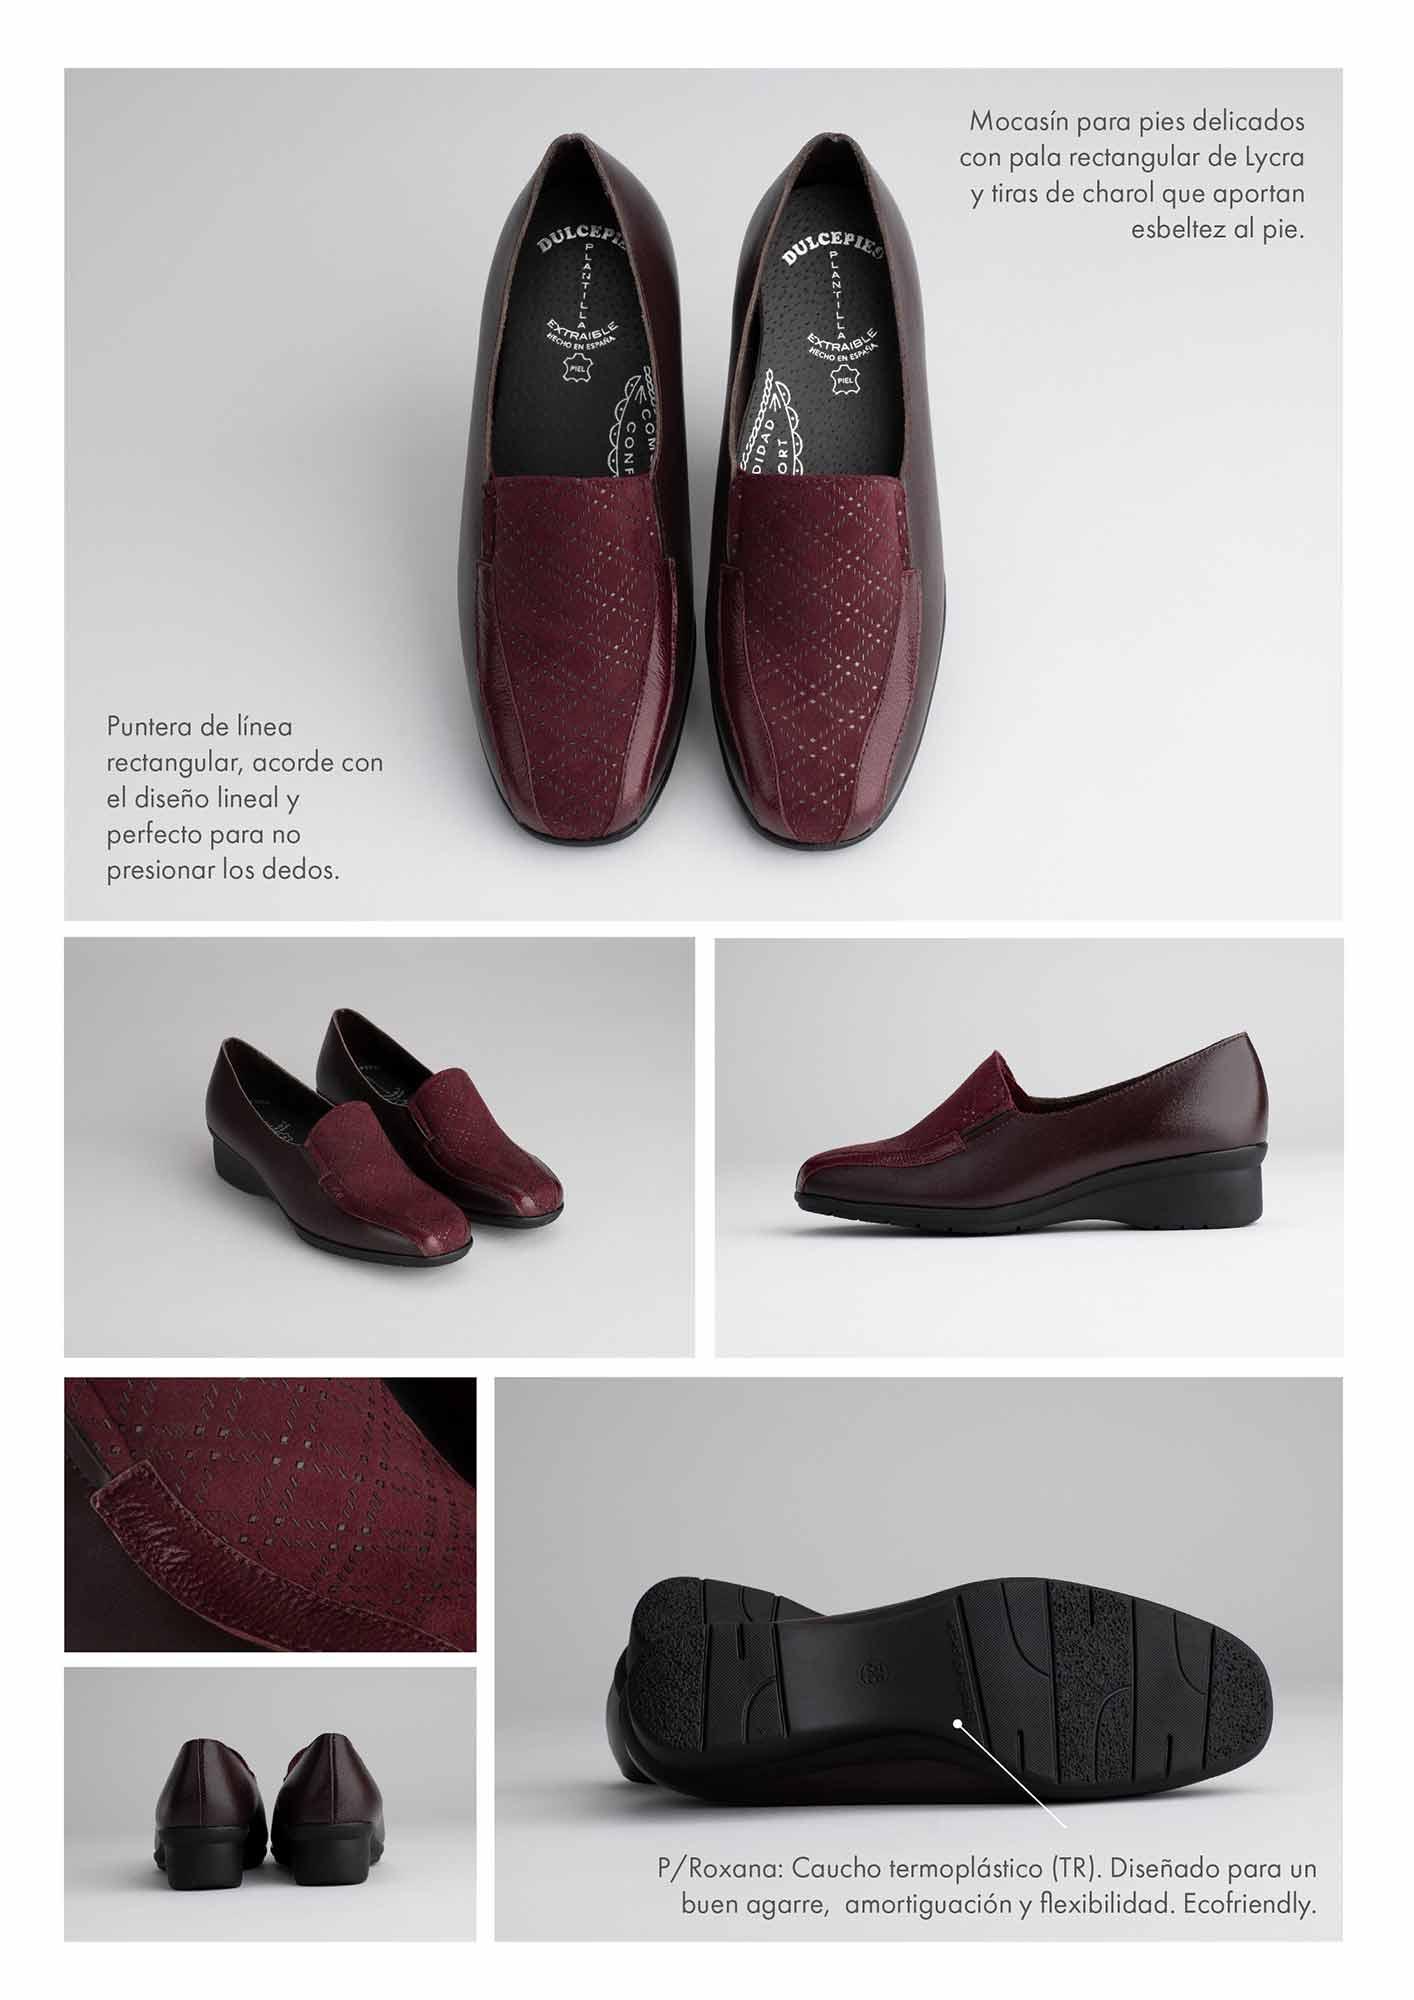 Cátalogo de zapatos de Dulcepies